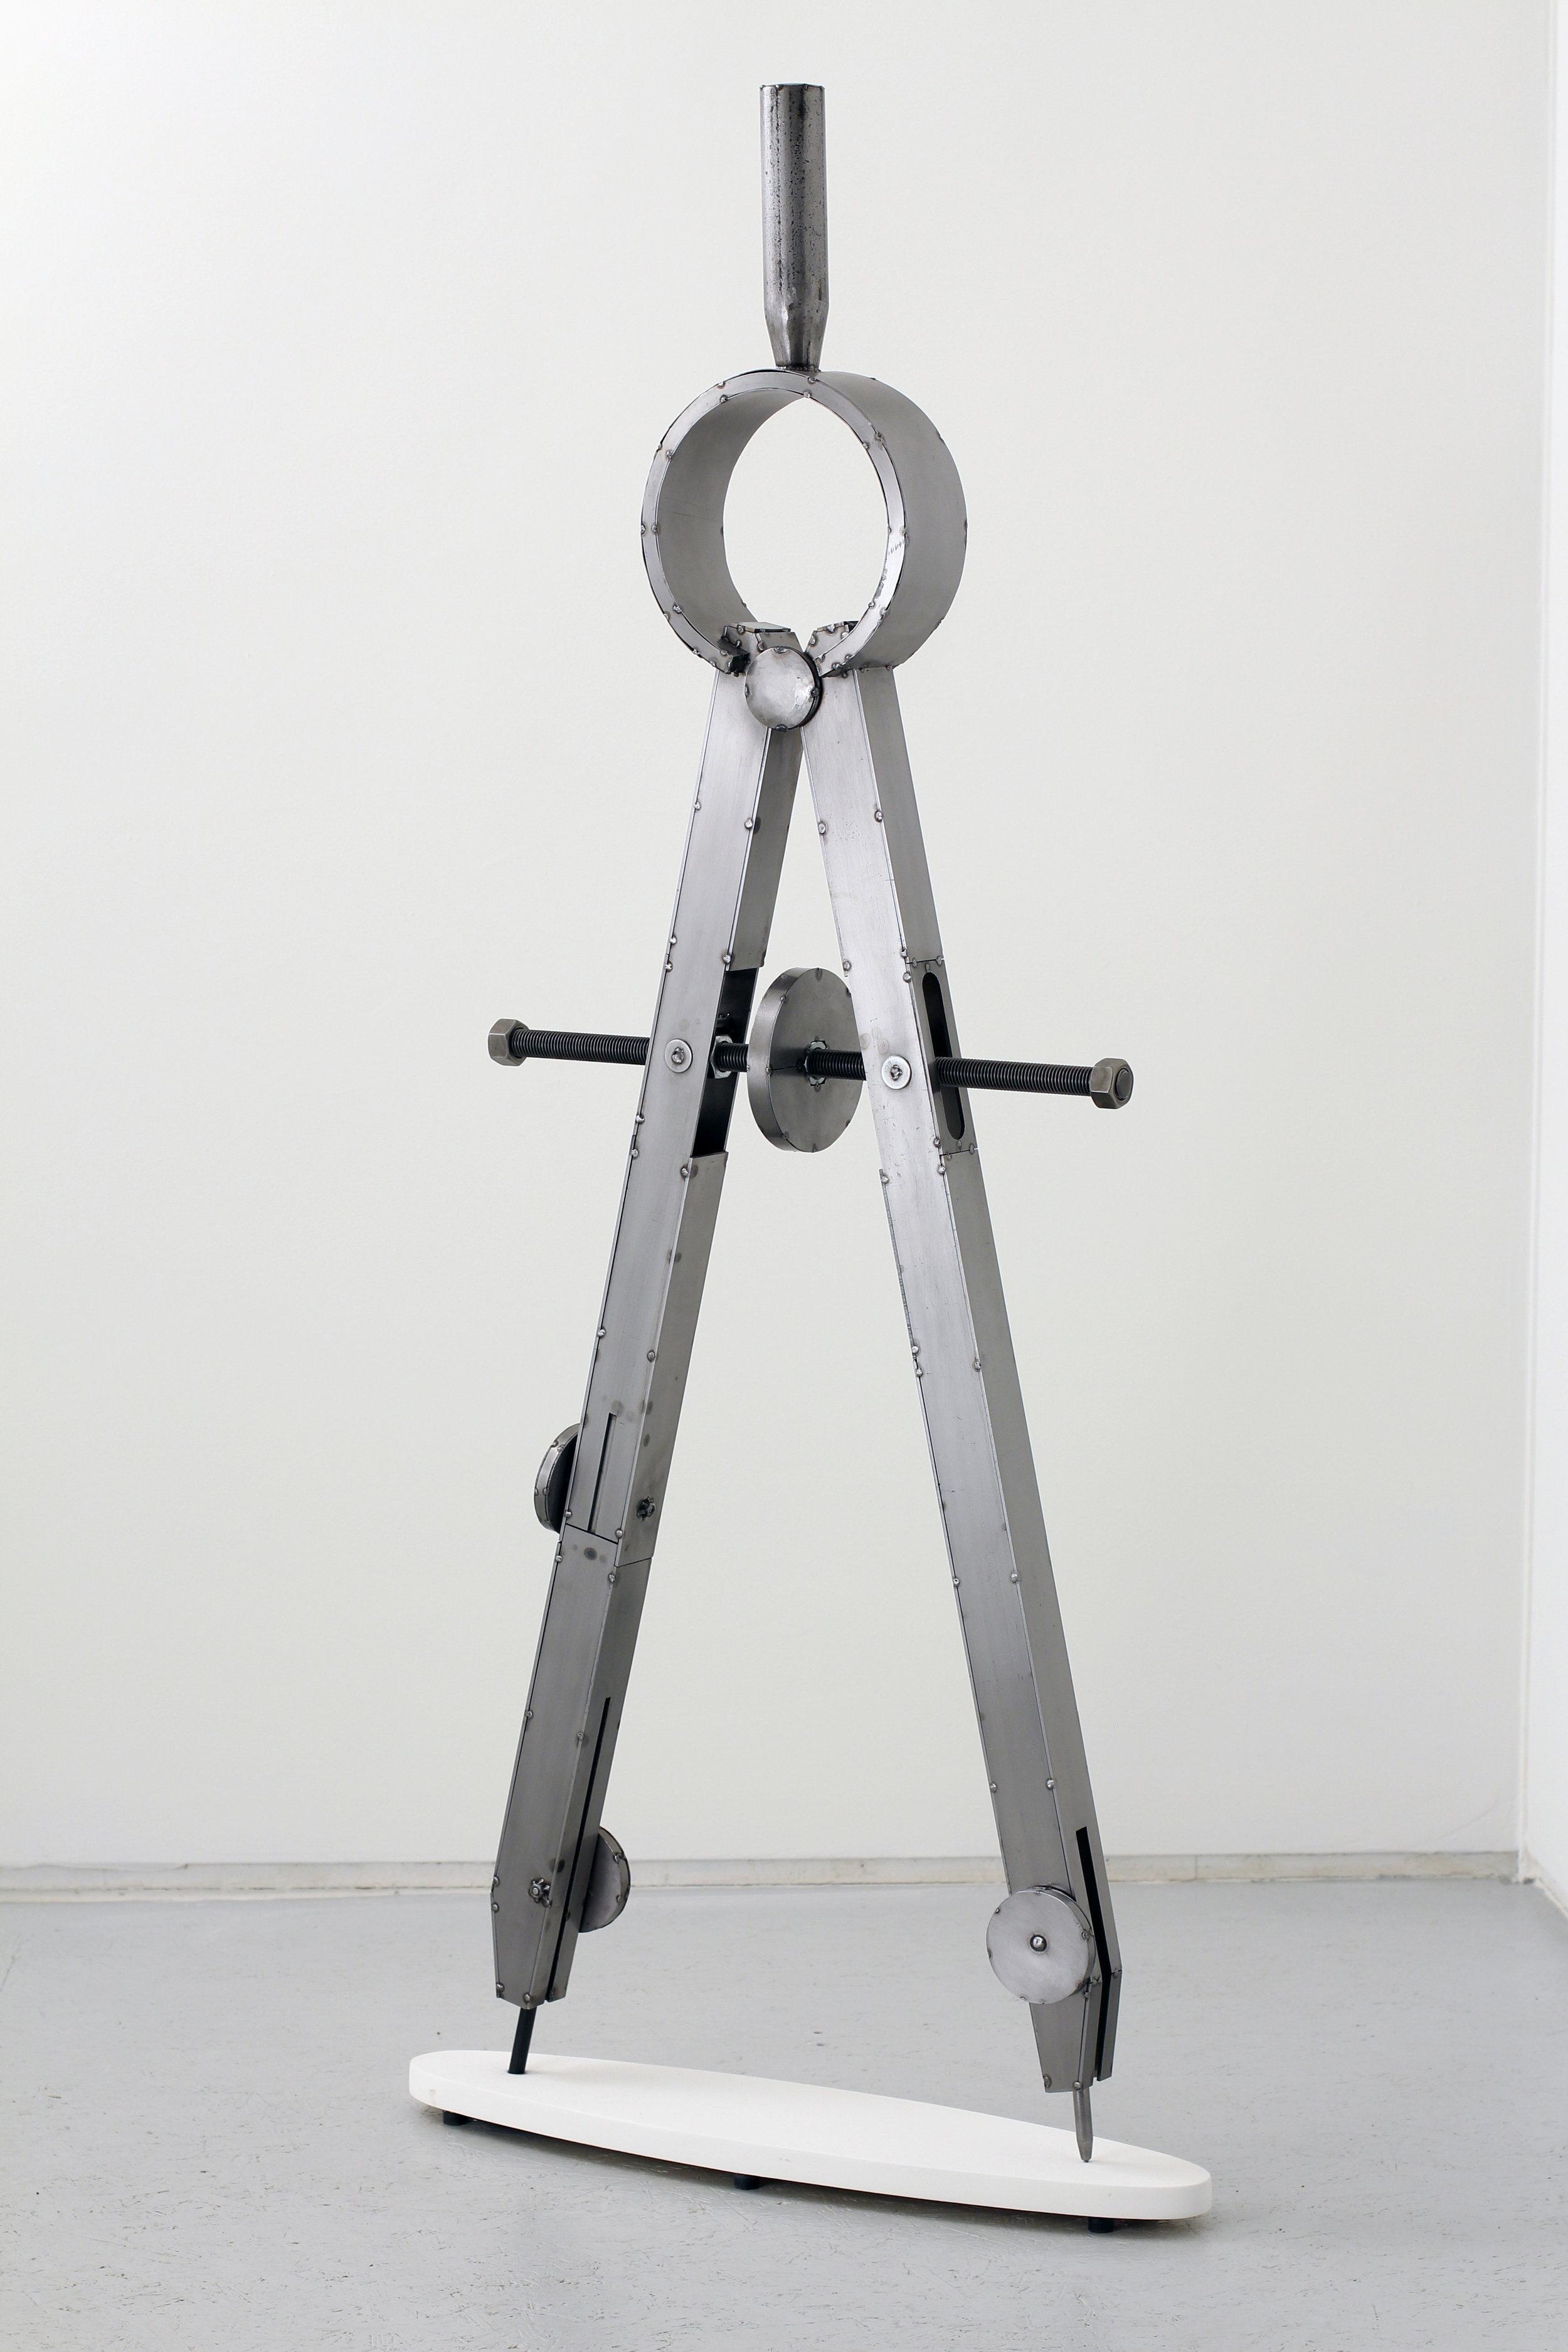 compass(2).JPG